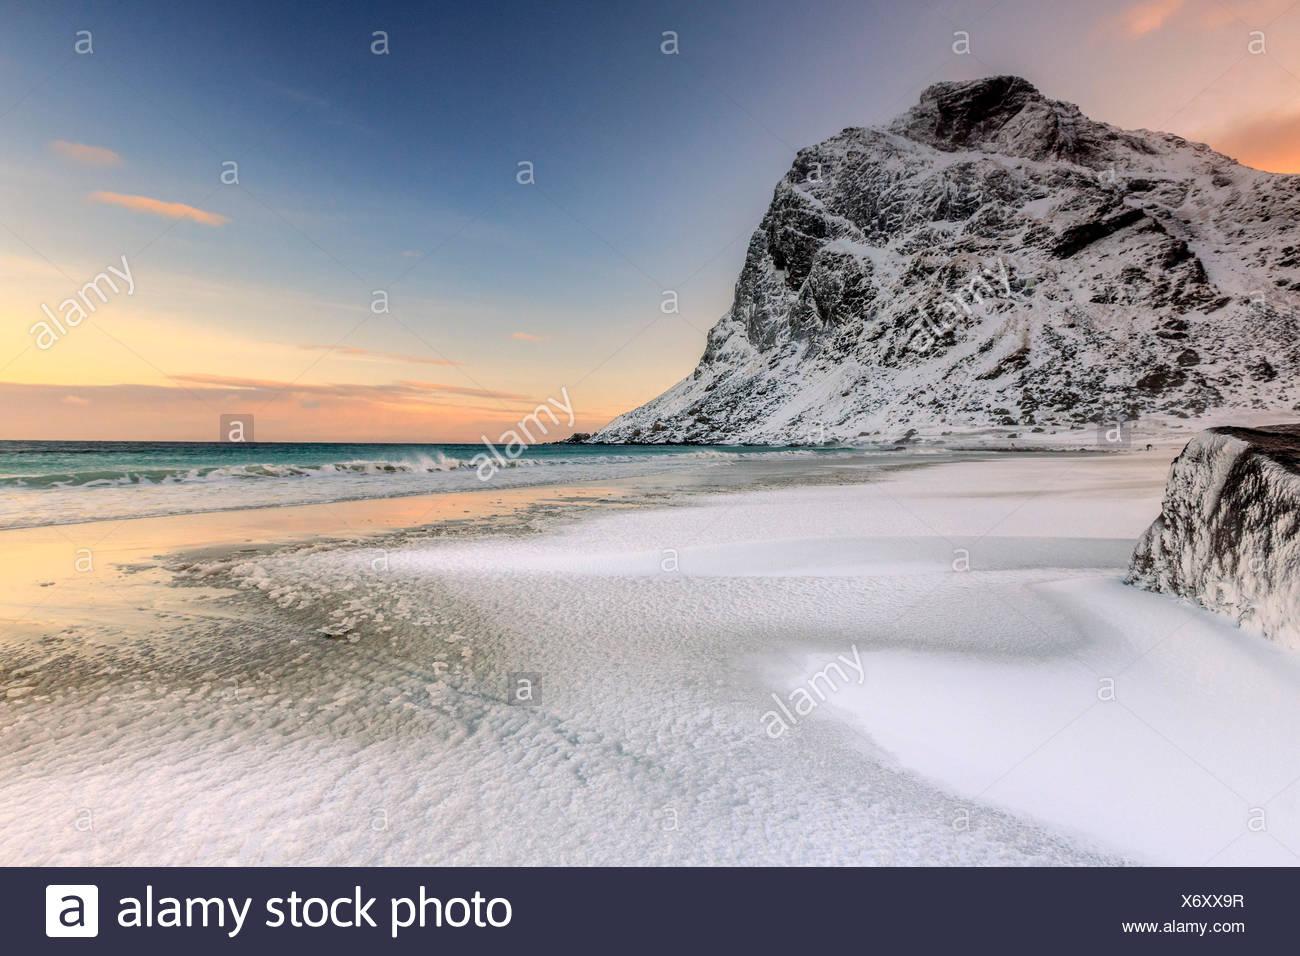 Onde avanza verso la riva del mare circondato da vette innevate all'alba. Uttakleiv Isole Lofoten in Norvegia Europa Immagini Stock